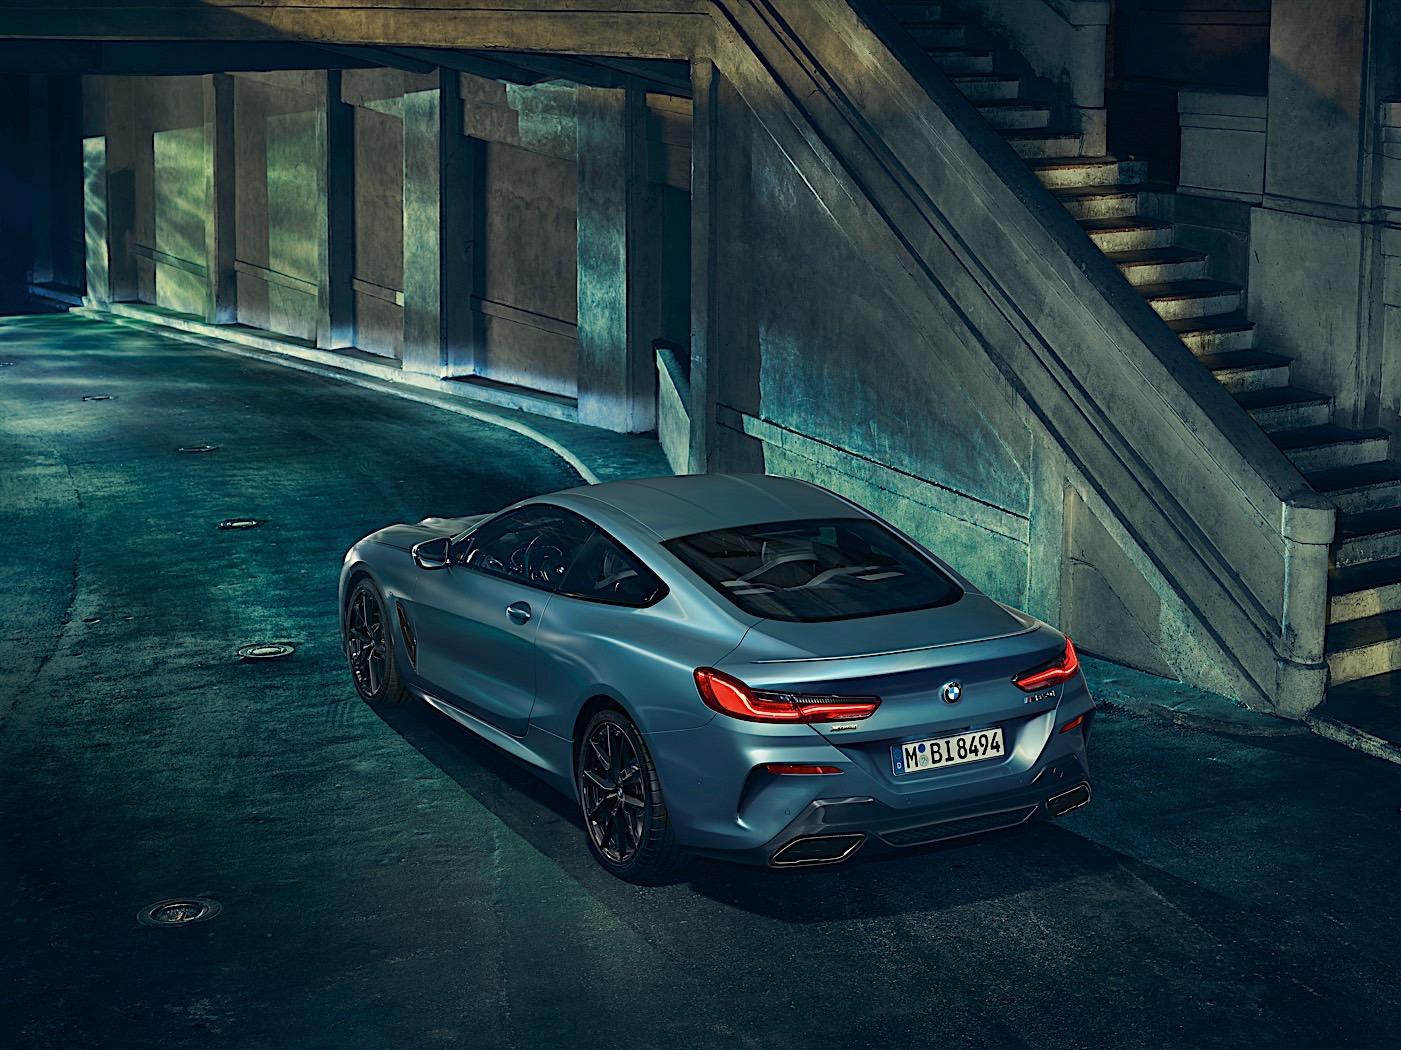 First Edition néven érkezett limitált széria a 8-as BMW-hez